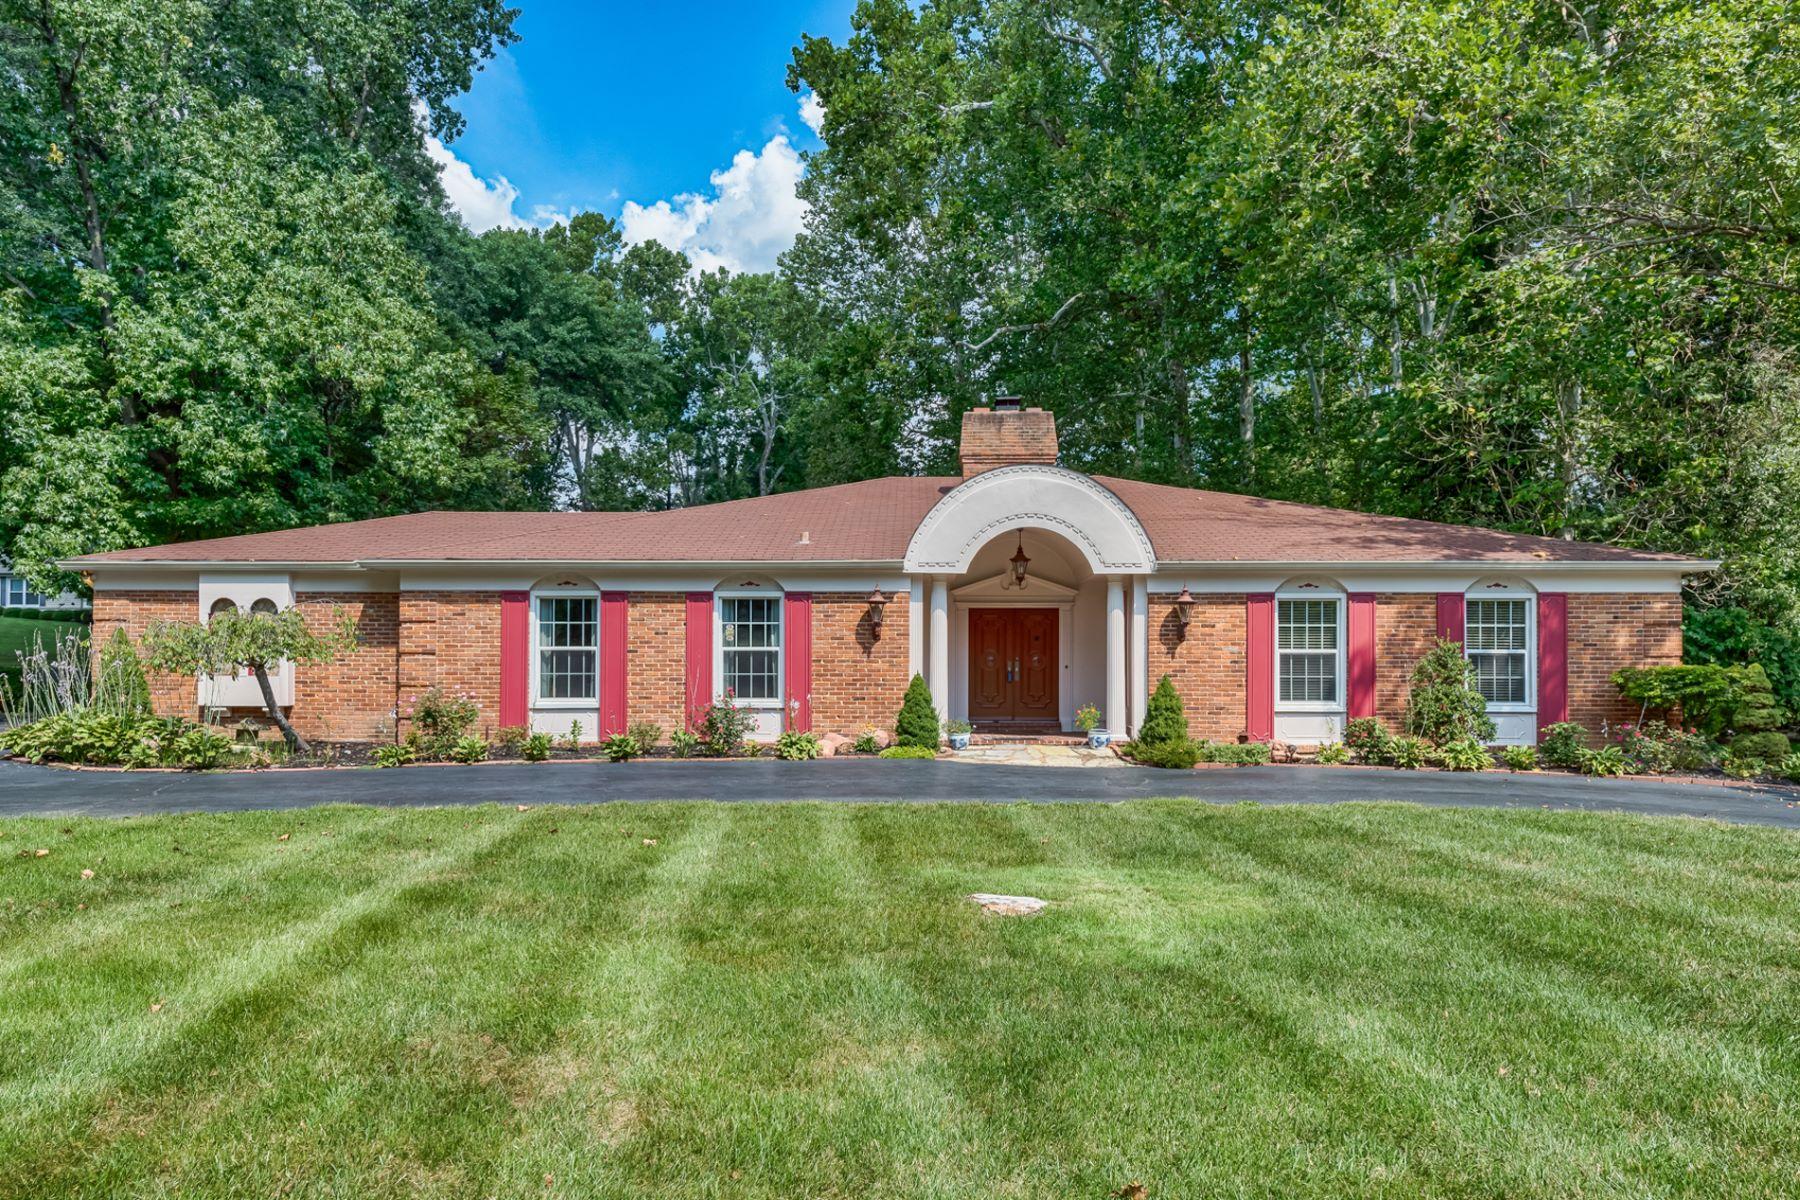 Maison unifamiliale pour l Vente à Dogwood Lane 6 Dogwood Lane Ladue, Missouri, 63124 États-Unis